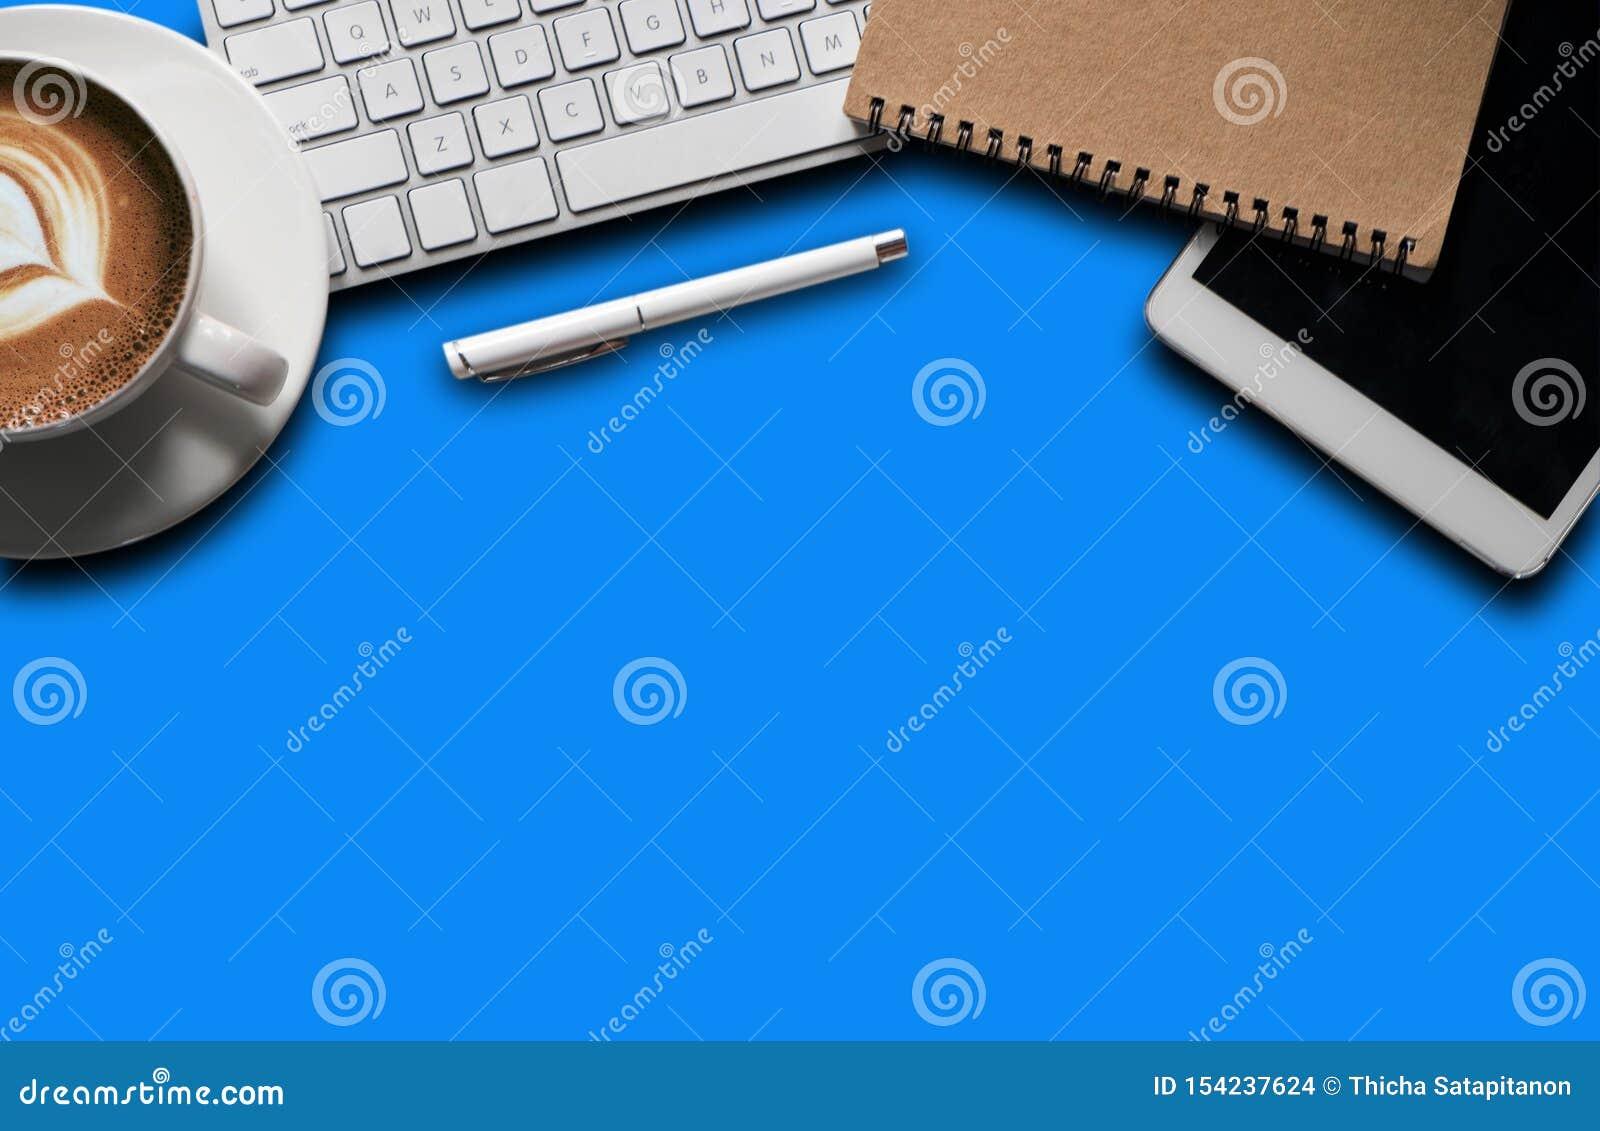 Канцелярские товары с ноутбуком, смартфоном, ручкой, планшетом, тетрадью